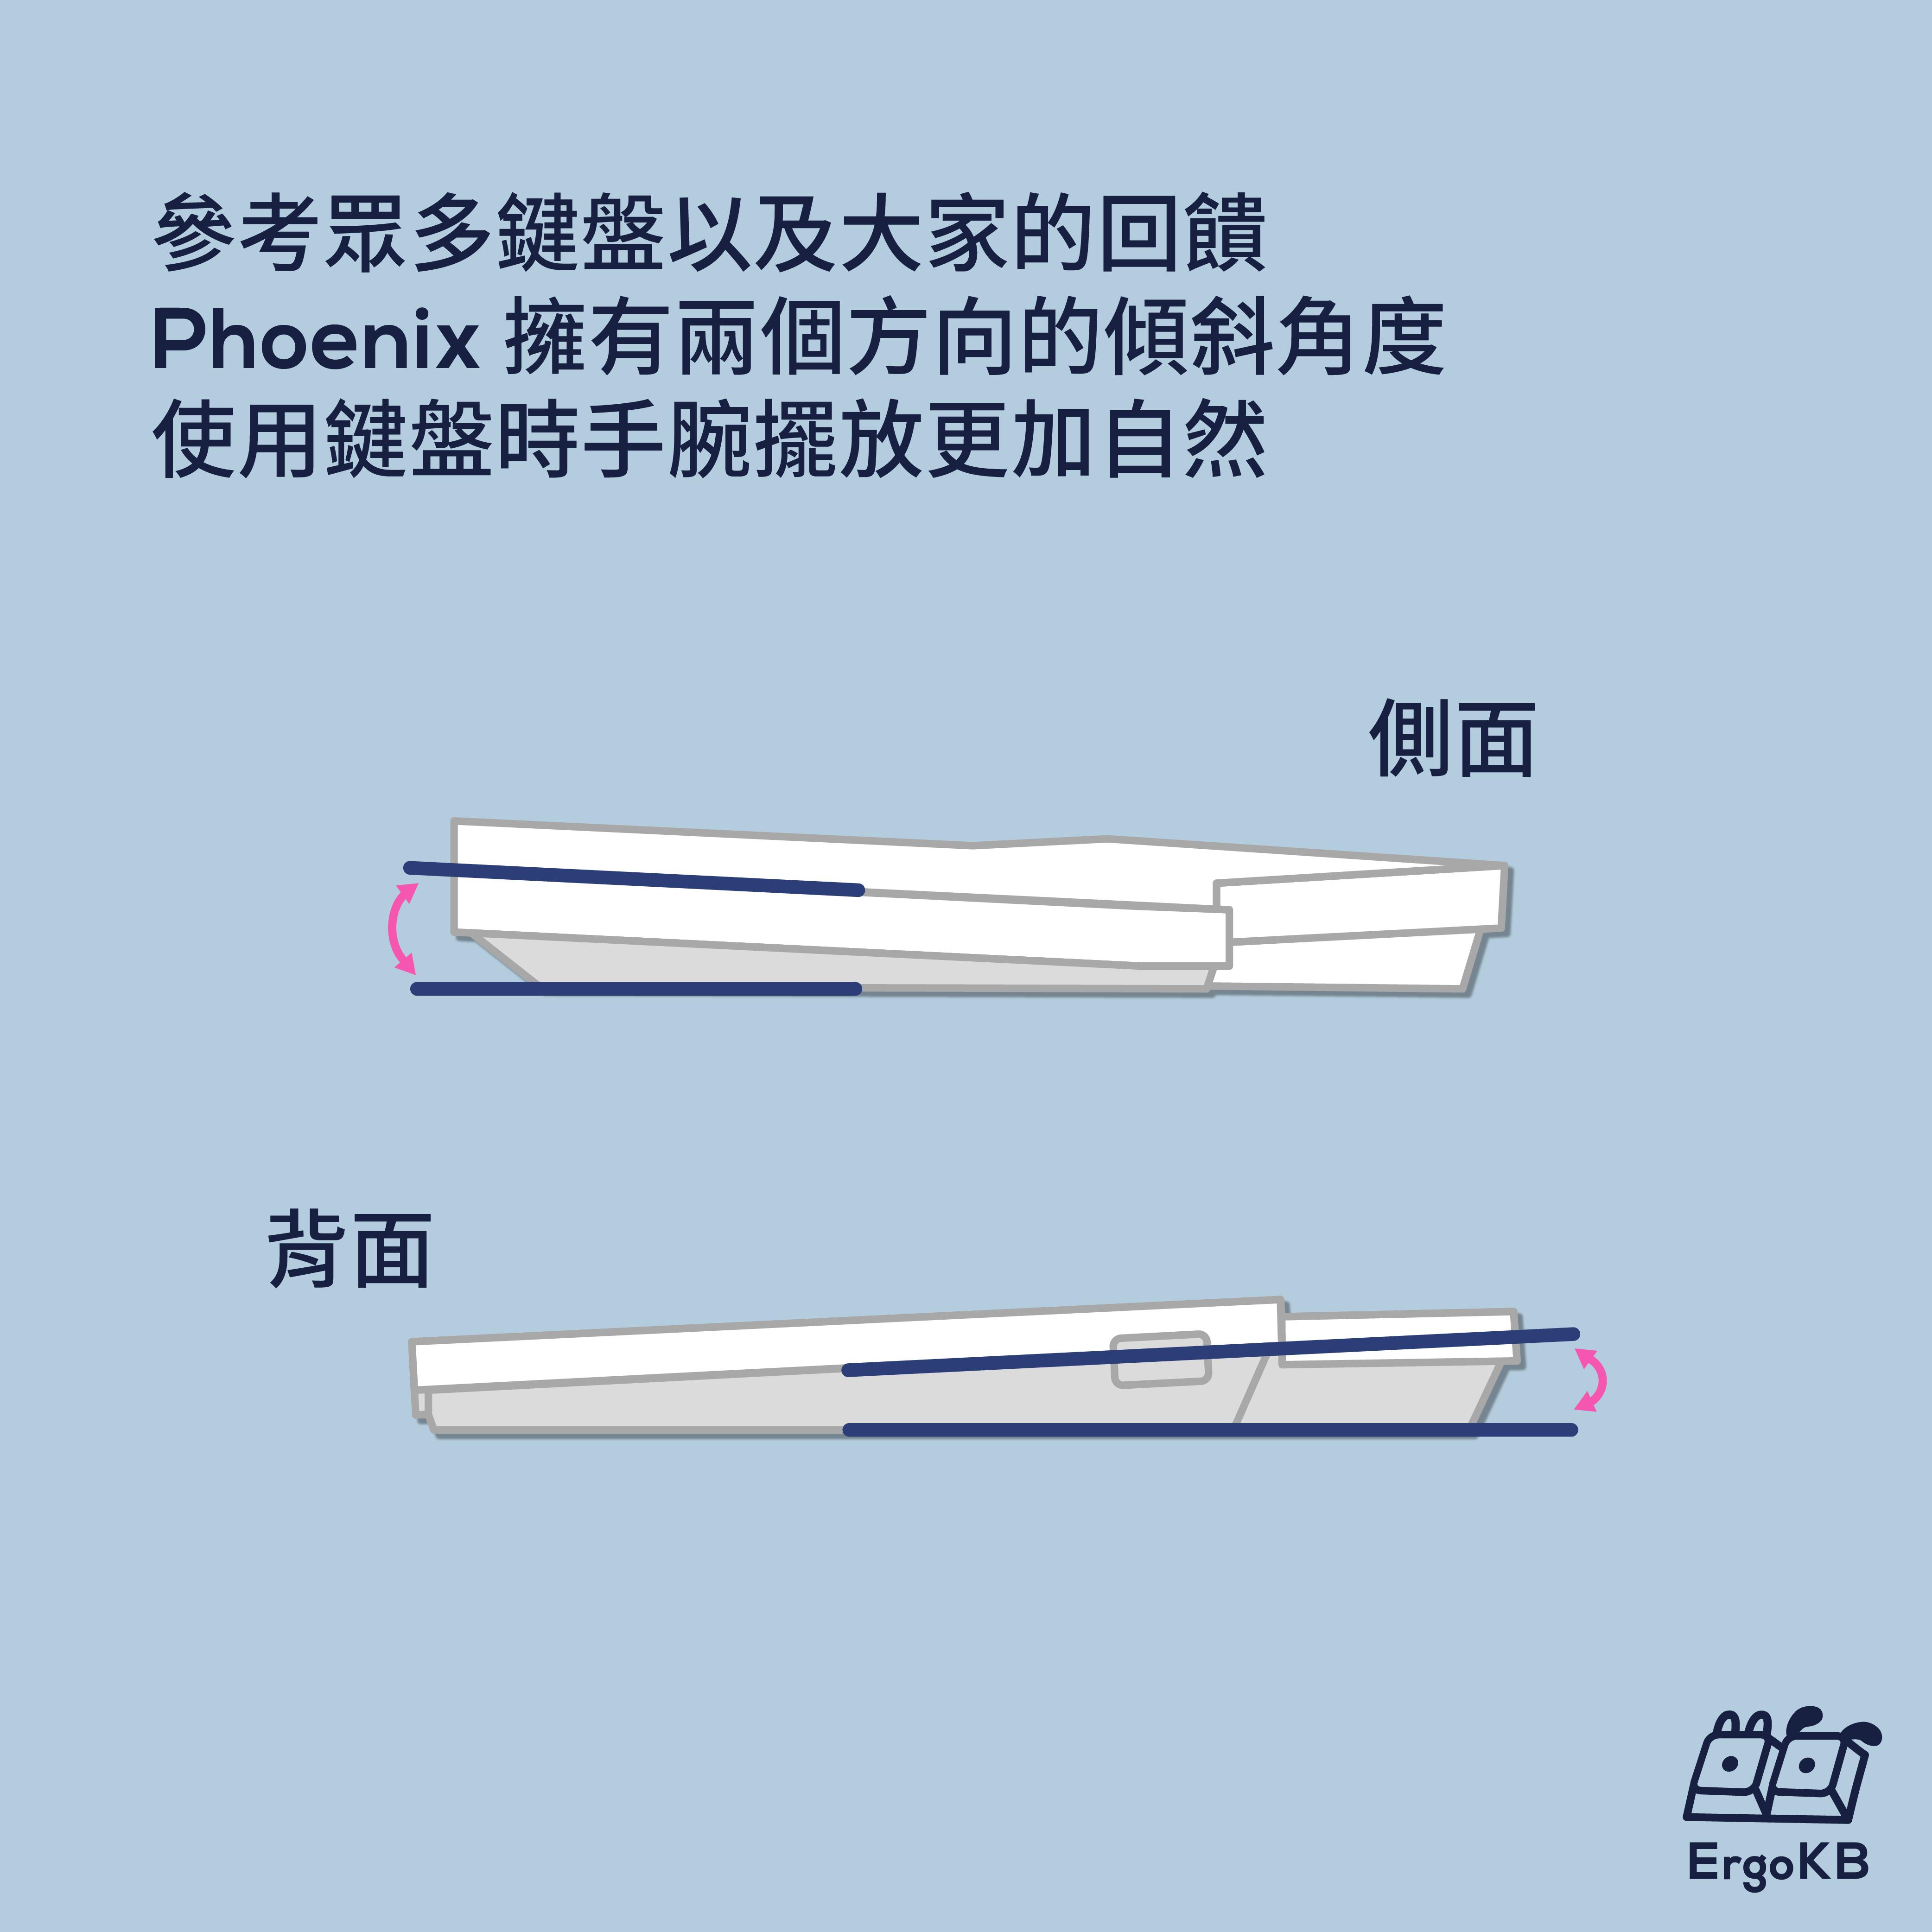 參考眾多鍵盤以及大家的回饋,Phoenix 擁有兩個方向的傾斜角度,使用鍵盤時手腕擺放更加自然